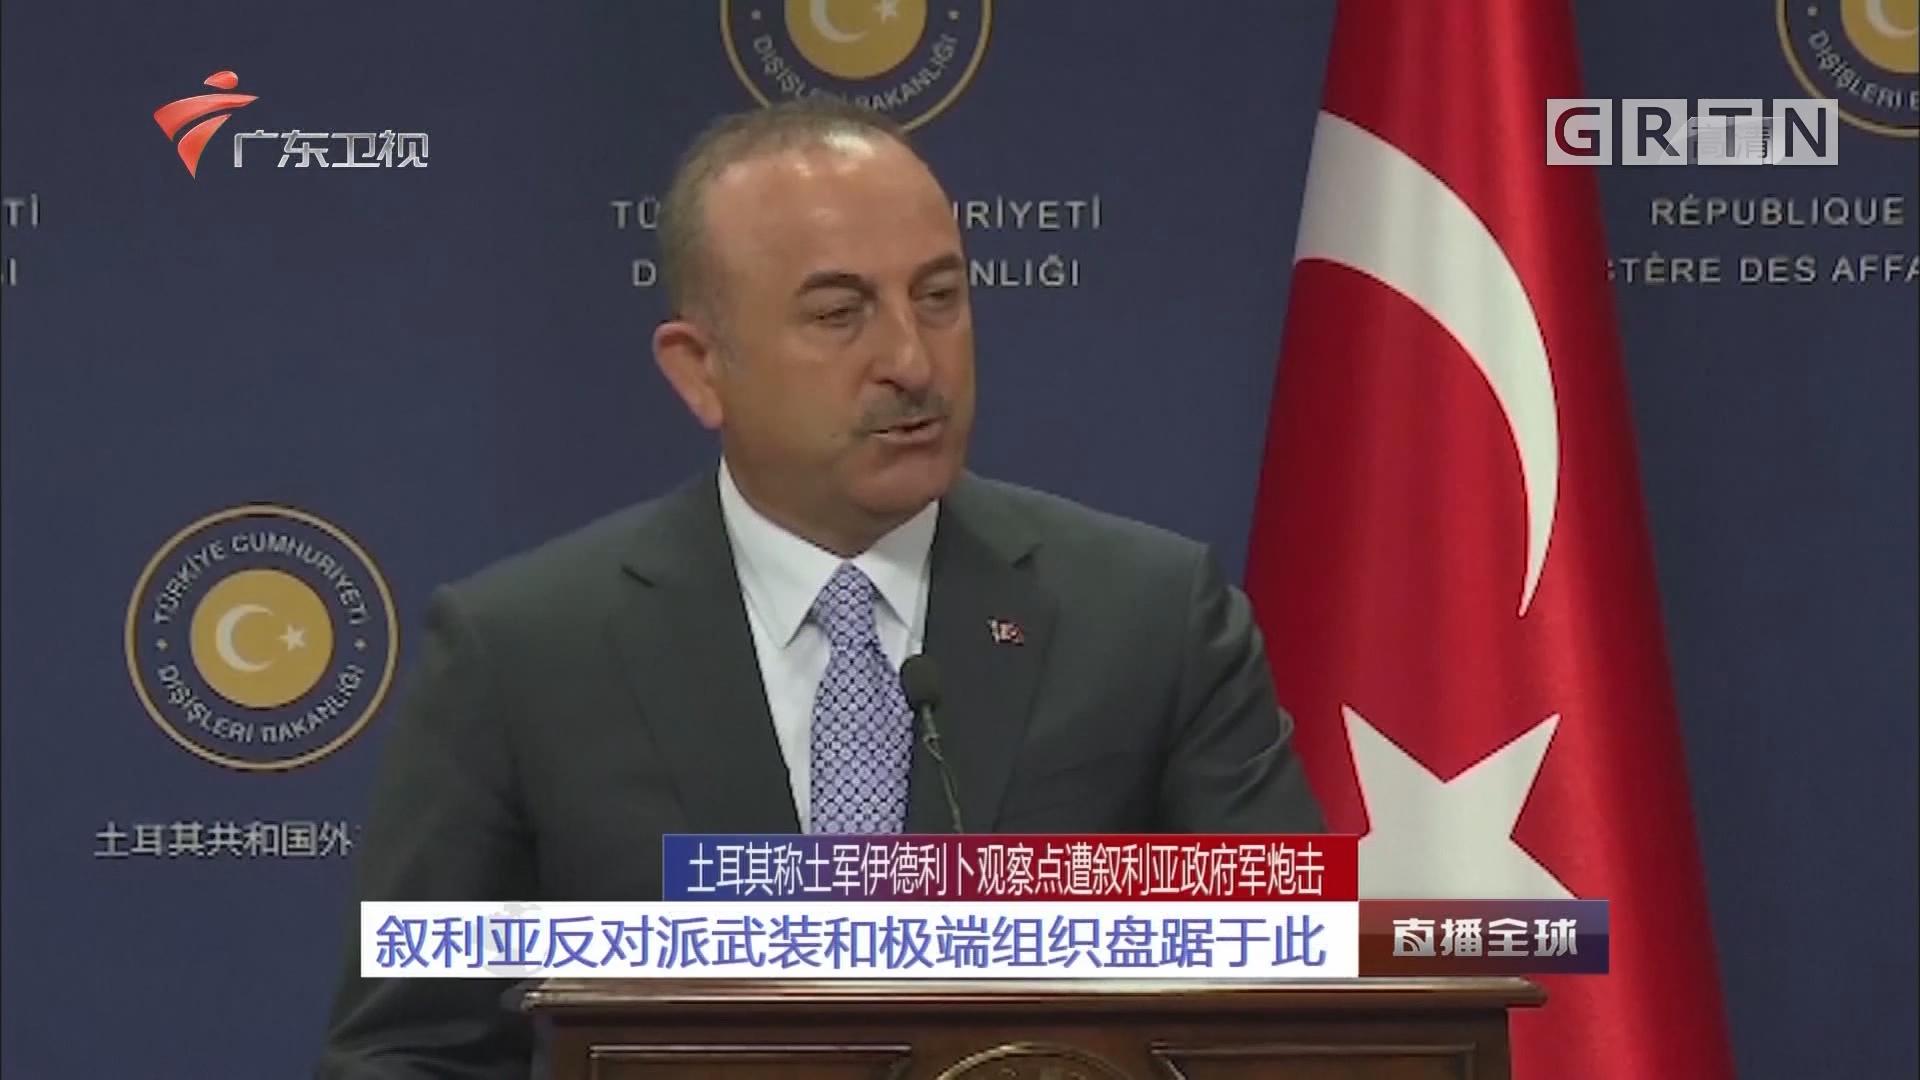 土耳其称土军伊德利卜观察点遭叙利亚政府军炮击:叙利亚反对派武装和极端组织盘踞于此